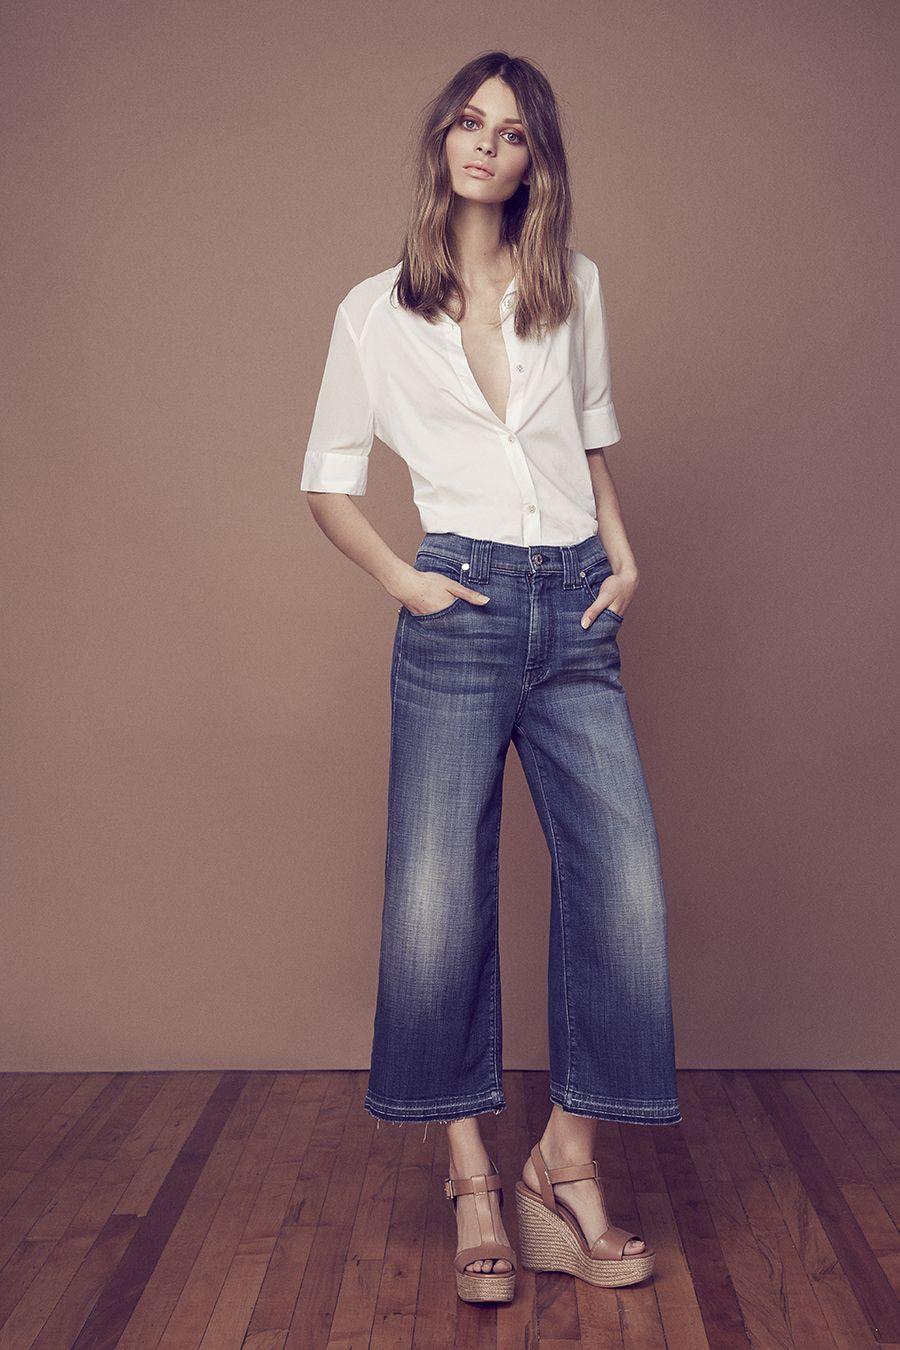 Miranda Kerr Reveals 5 Ways to Wear Denim Like an Icon